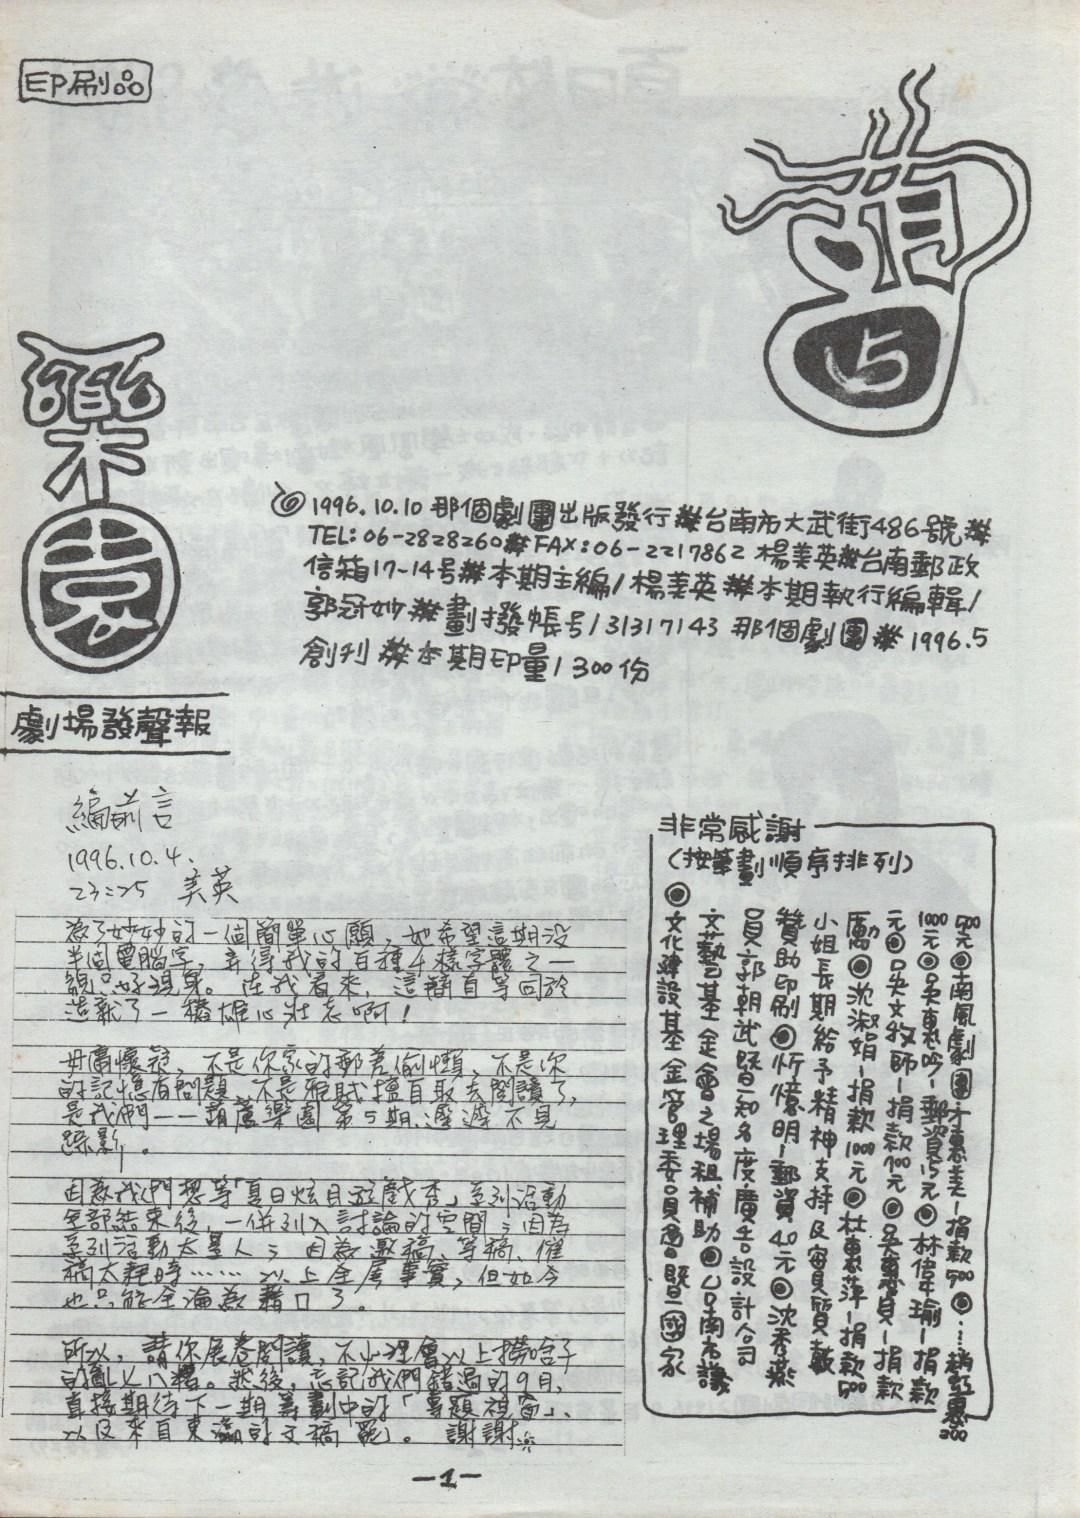 葫蘆樂園:劇場發聲報第五期